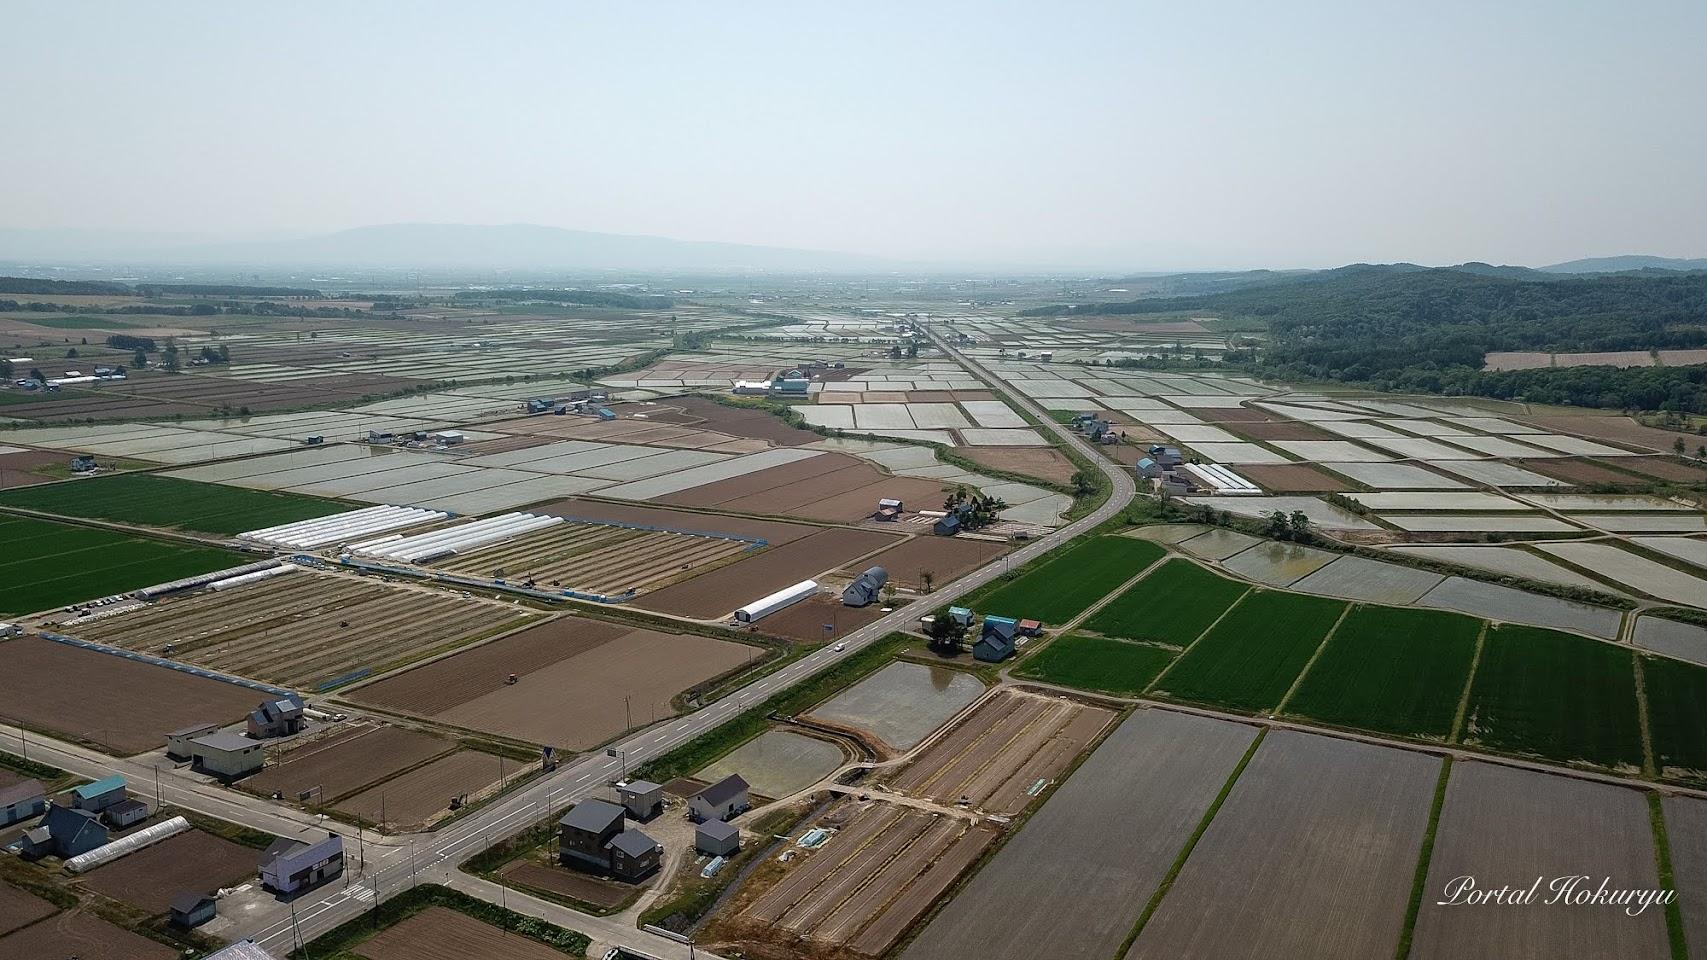 美葉牛地区の水田と畑の共存風景